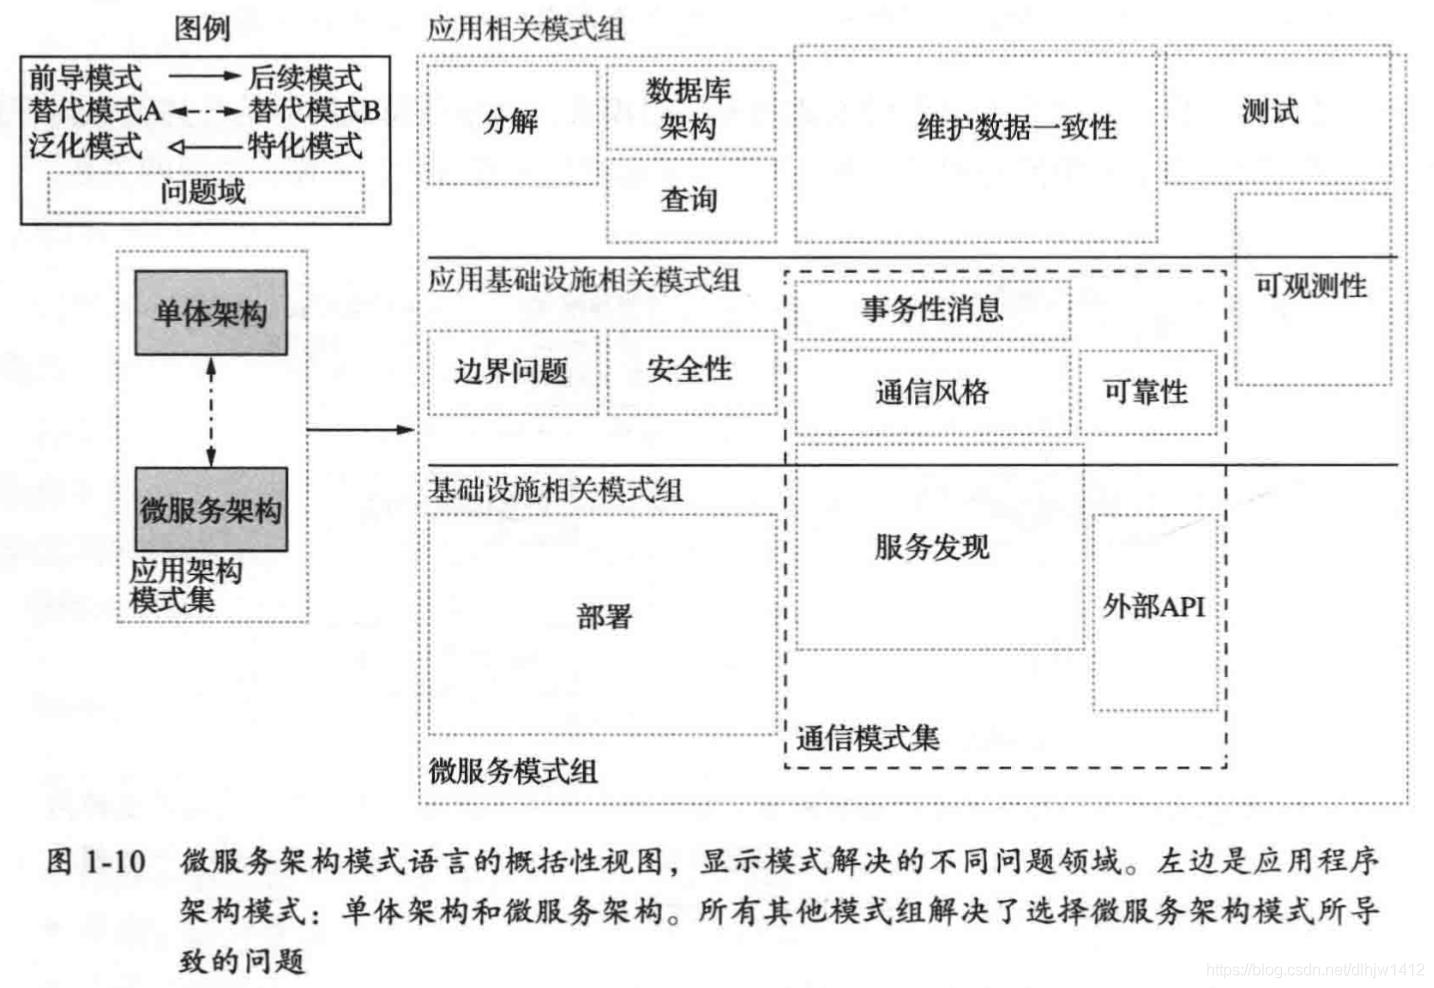 微服务架构模式语言的概括性视图